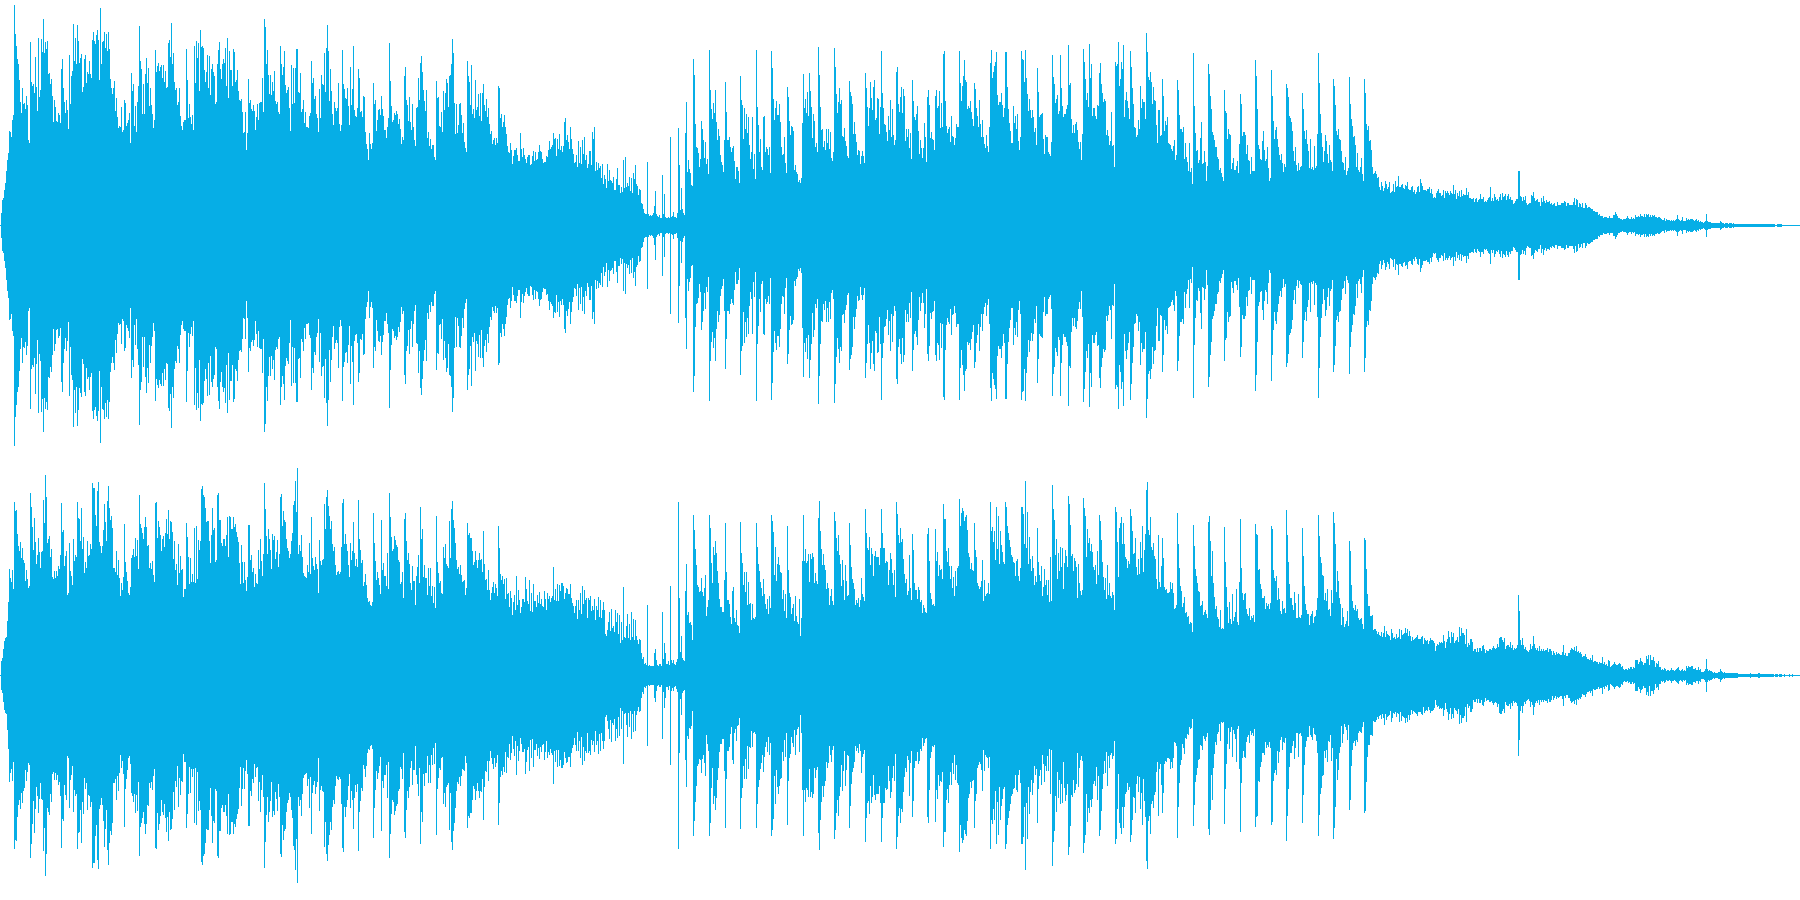 森の中の幻想風景の再生済みの波形